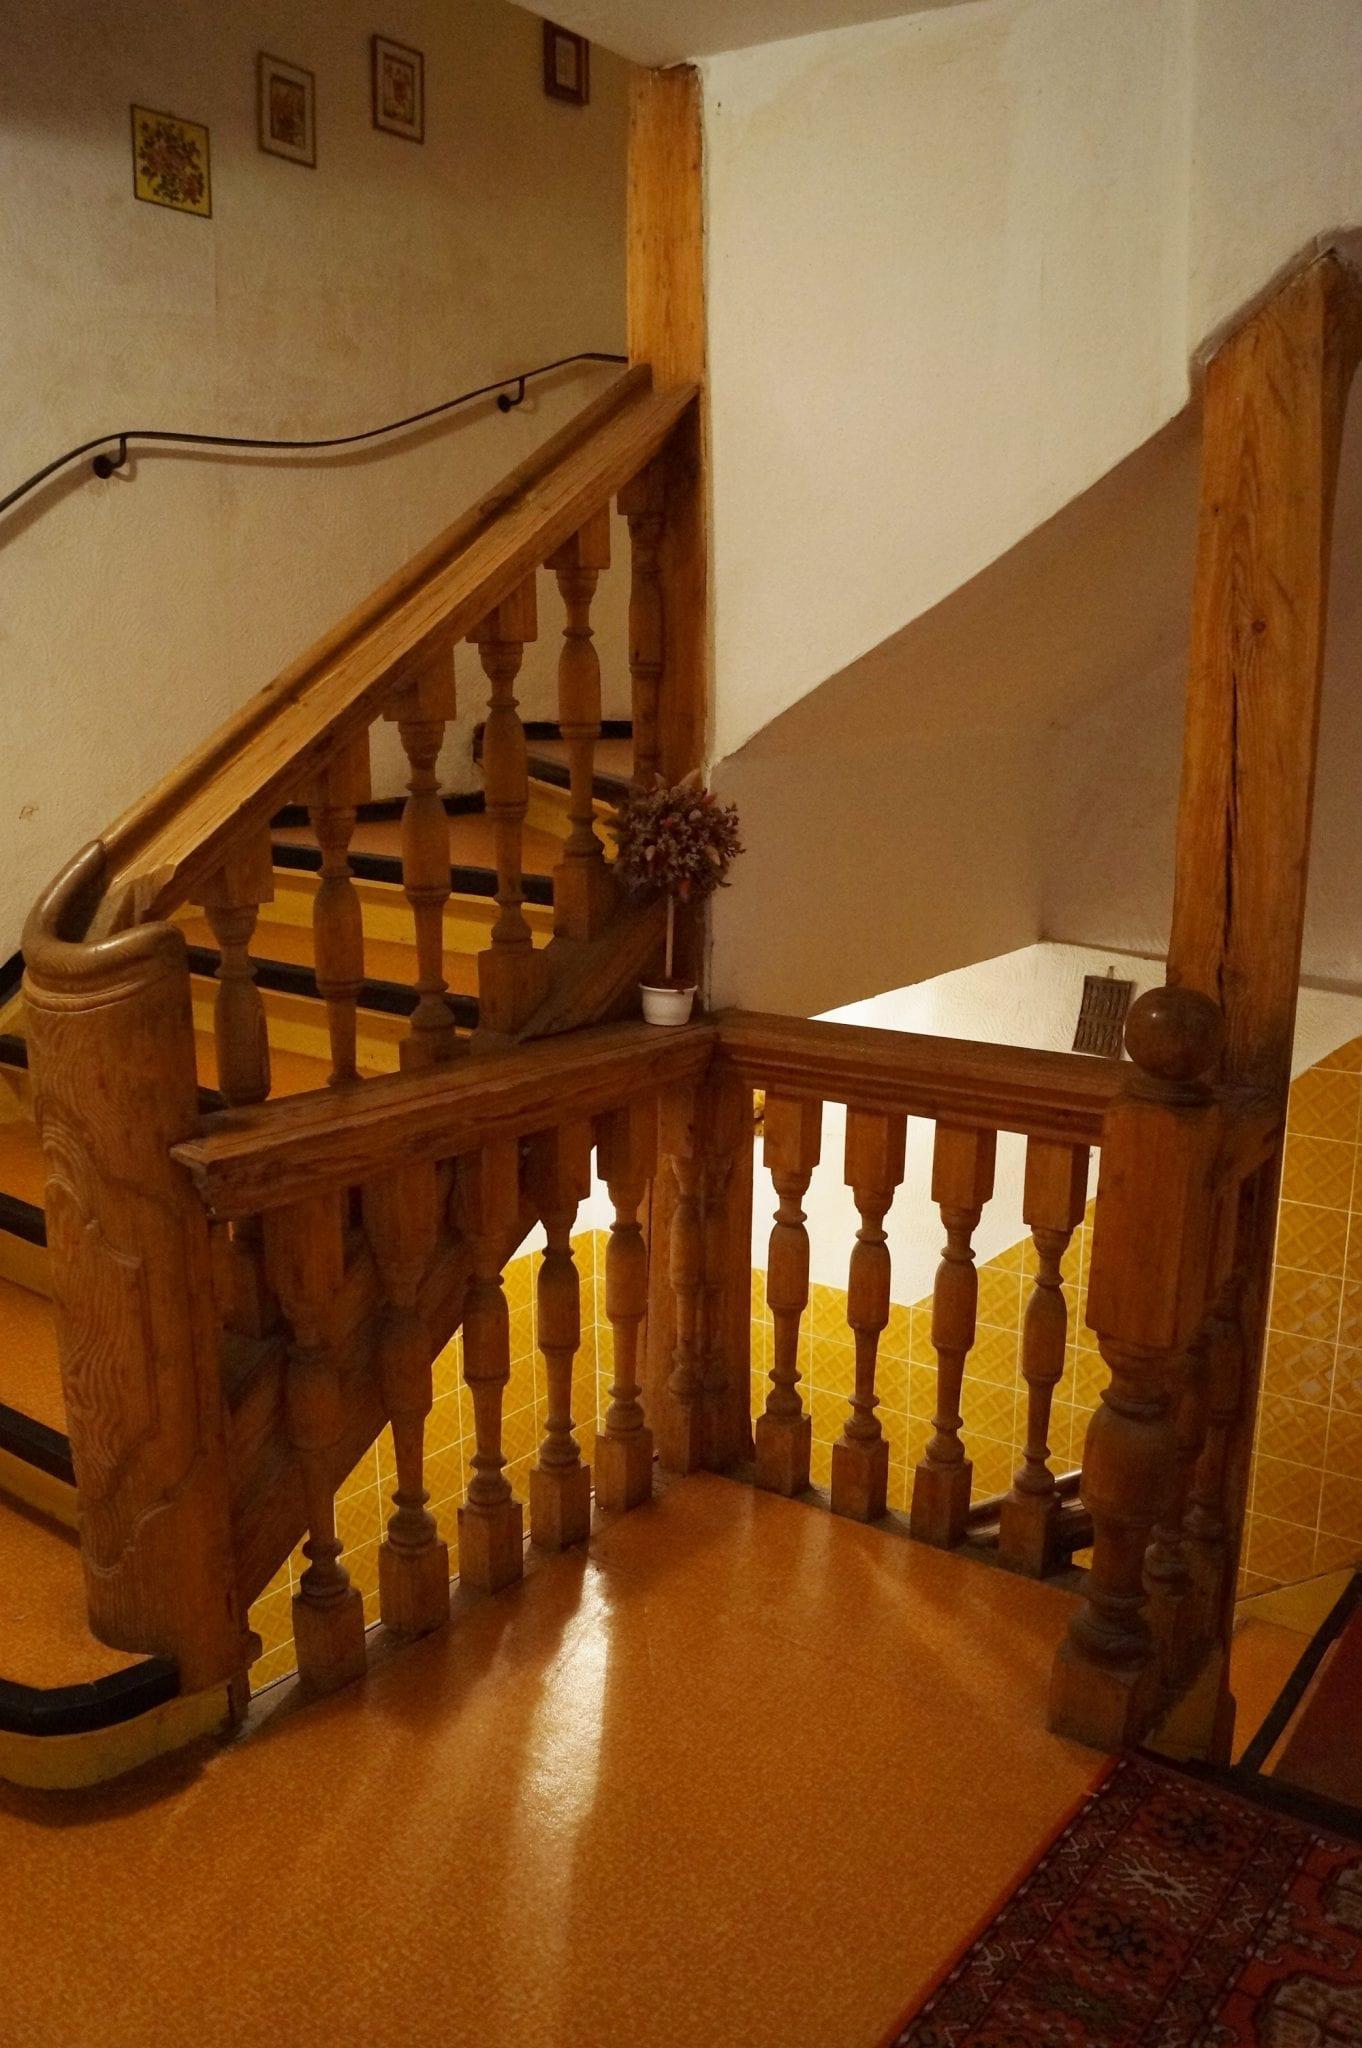 Stockerl Immobilien Und Hausverwaltung Historisches Treppenhaus Vor  Sanierung   Stockerl Immobilien Und Hausverwaltung